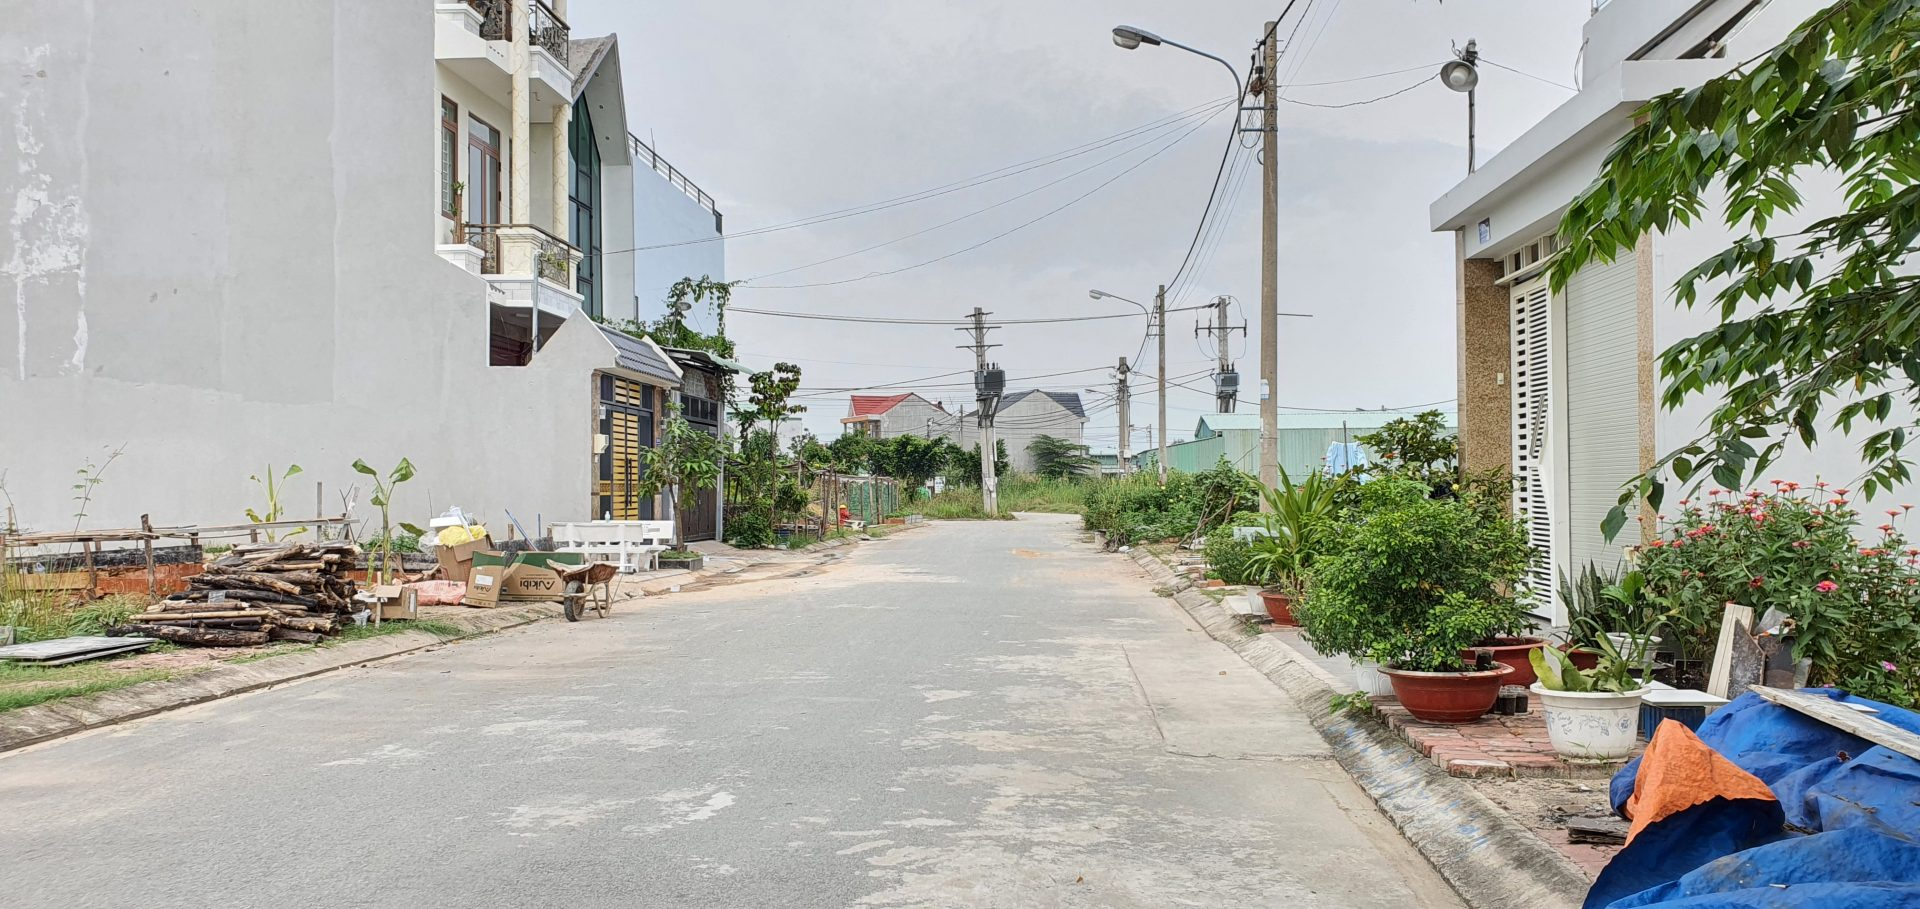 Bán Đất Phú Hữu Quận 9 Vị trí gần Đại Học FPT, ĐH FullBright, DT 71m2, đường 10m, 1 xẹt Bưng Ông Thoàn